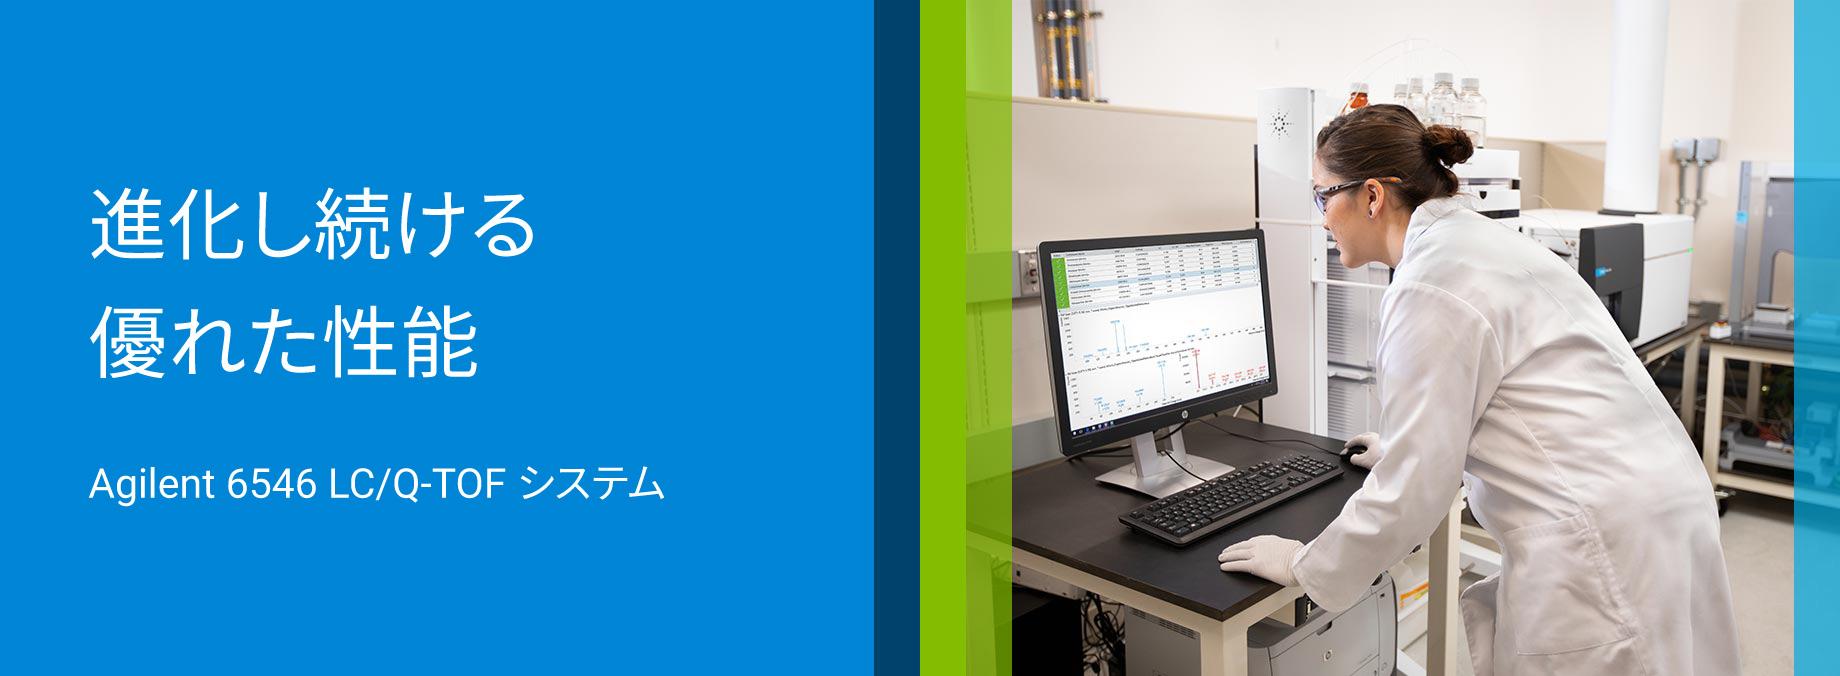 進化しつづける優れた性能 Agilent 6546 LC/Q-TOF システム